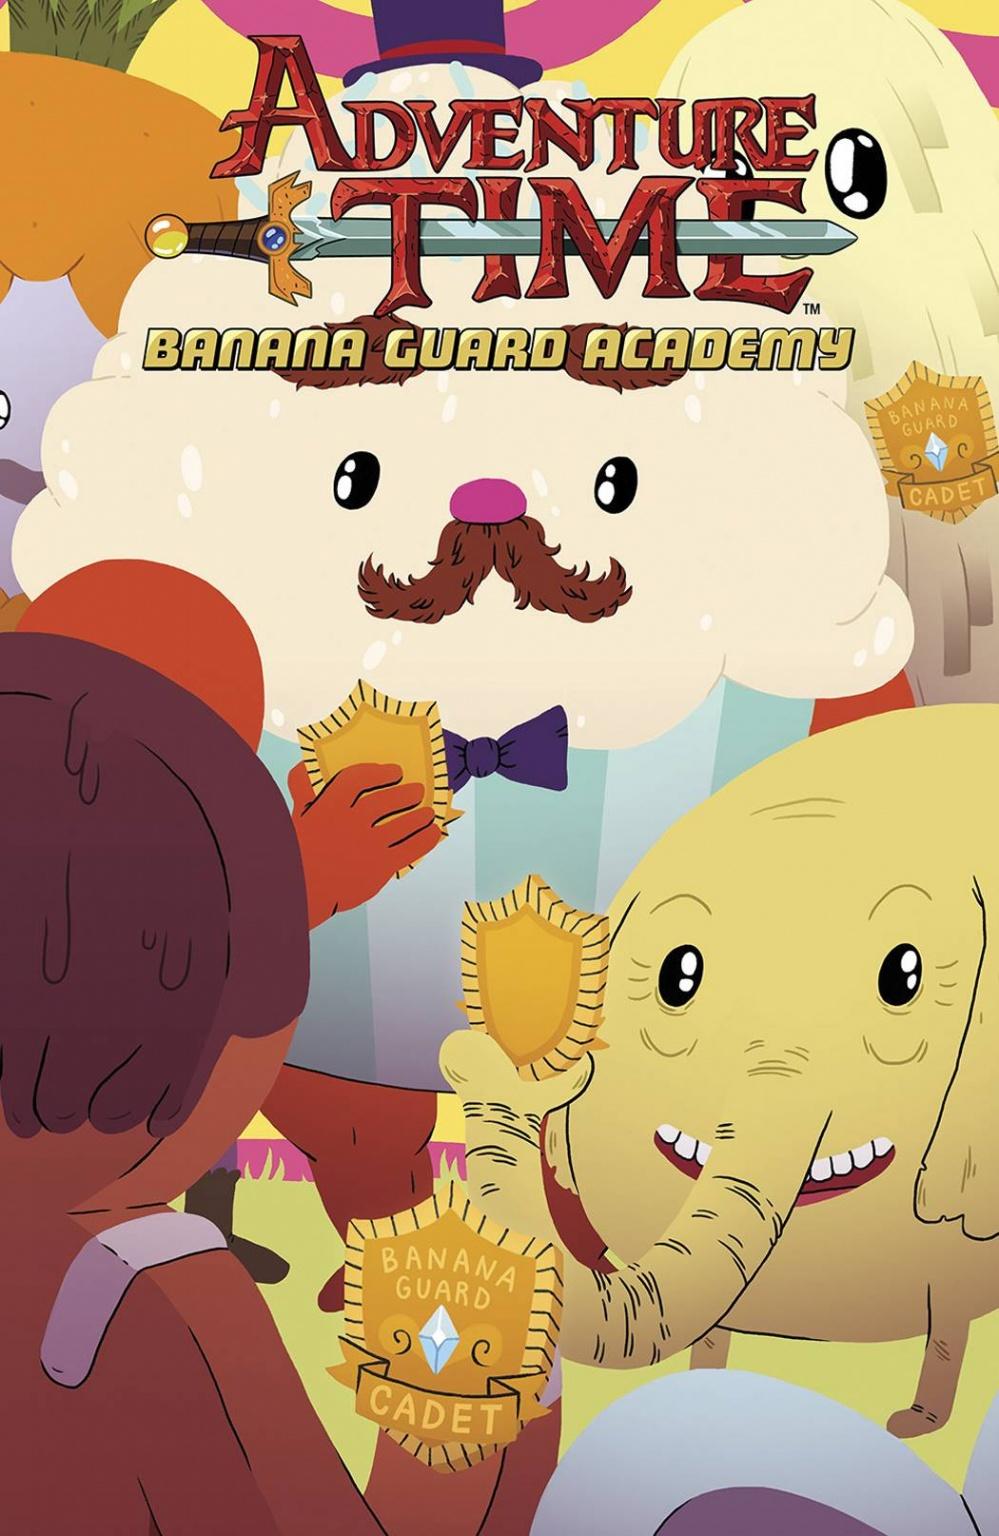 <eM>Adventure Time: Banana Guard Academy</eM> #2 (of 6)